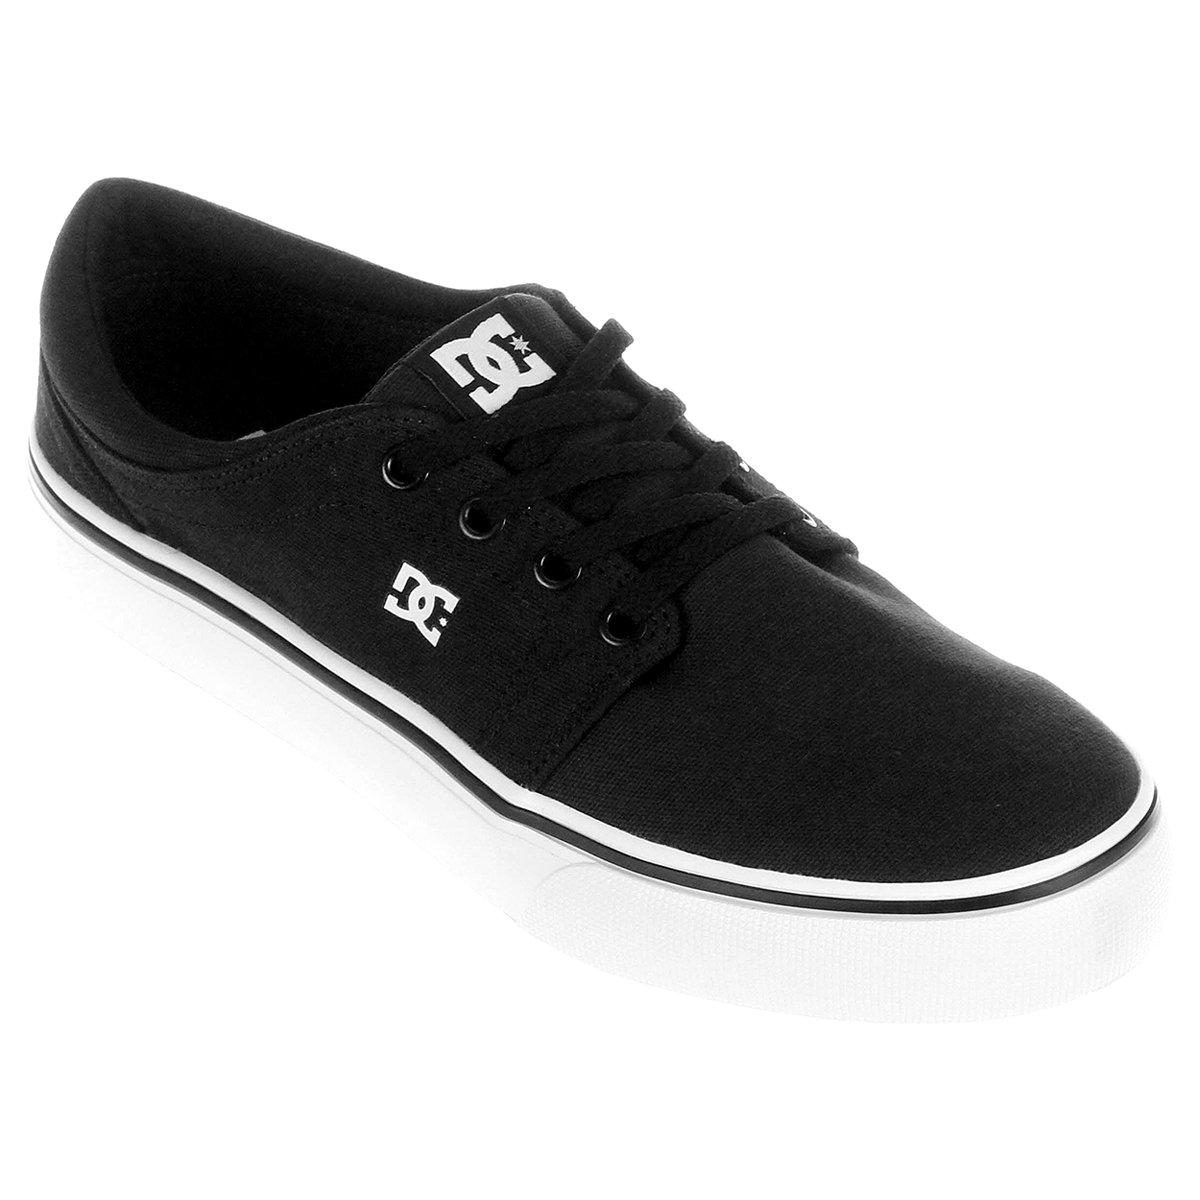 9fce6ebcc4a Tênis DC Shoes Trase TX - Compre Agora